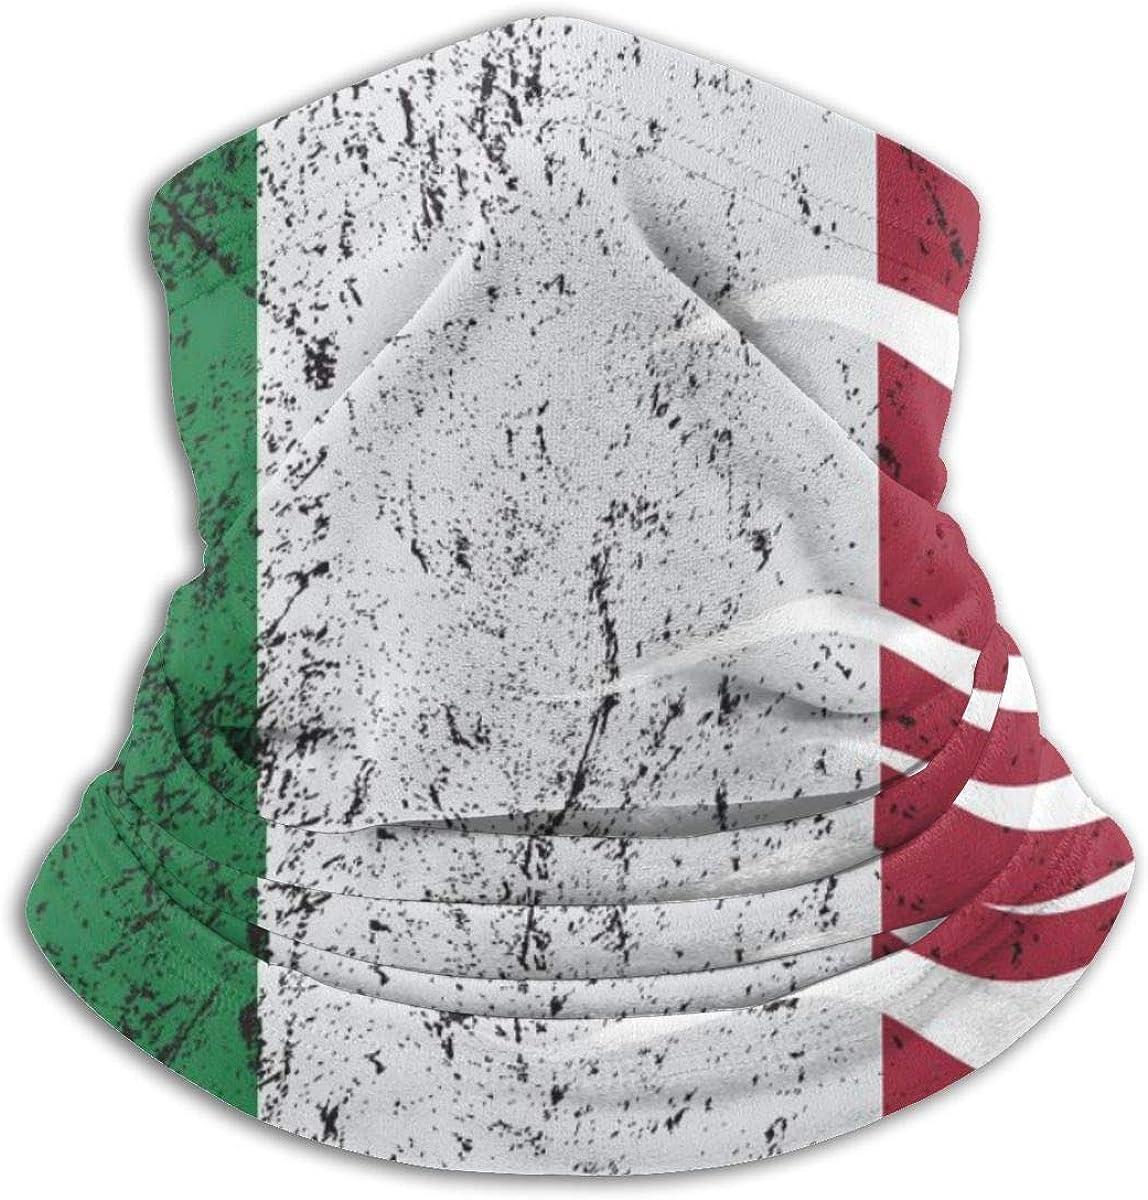 SLHFPX Neck Gaiter Face Mask Italian Flag Fringe Design Vector Half Balaclava Ski Masks for Women Men Adult